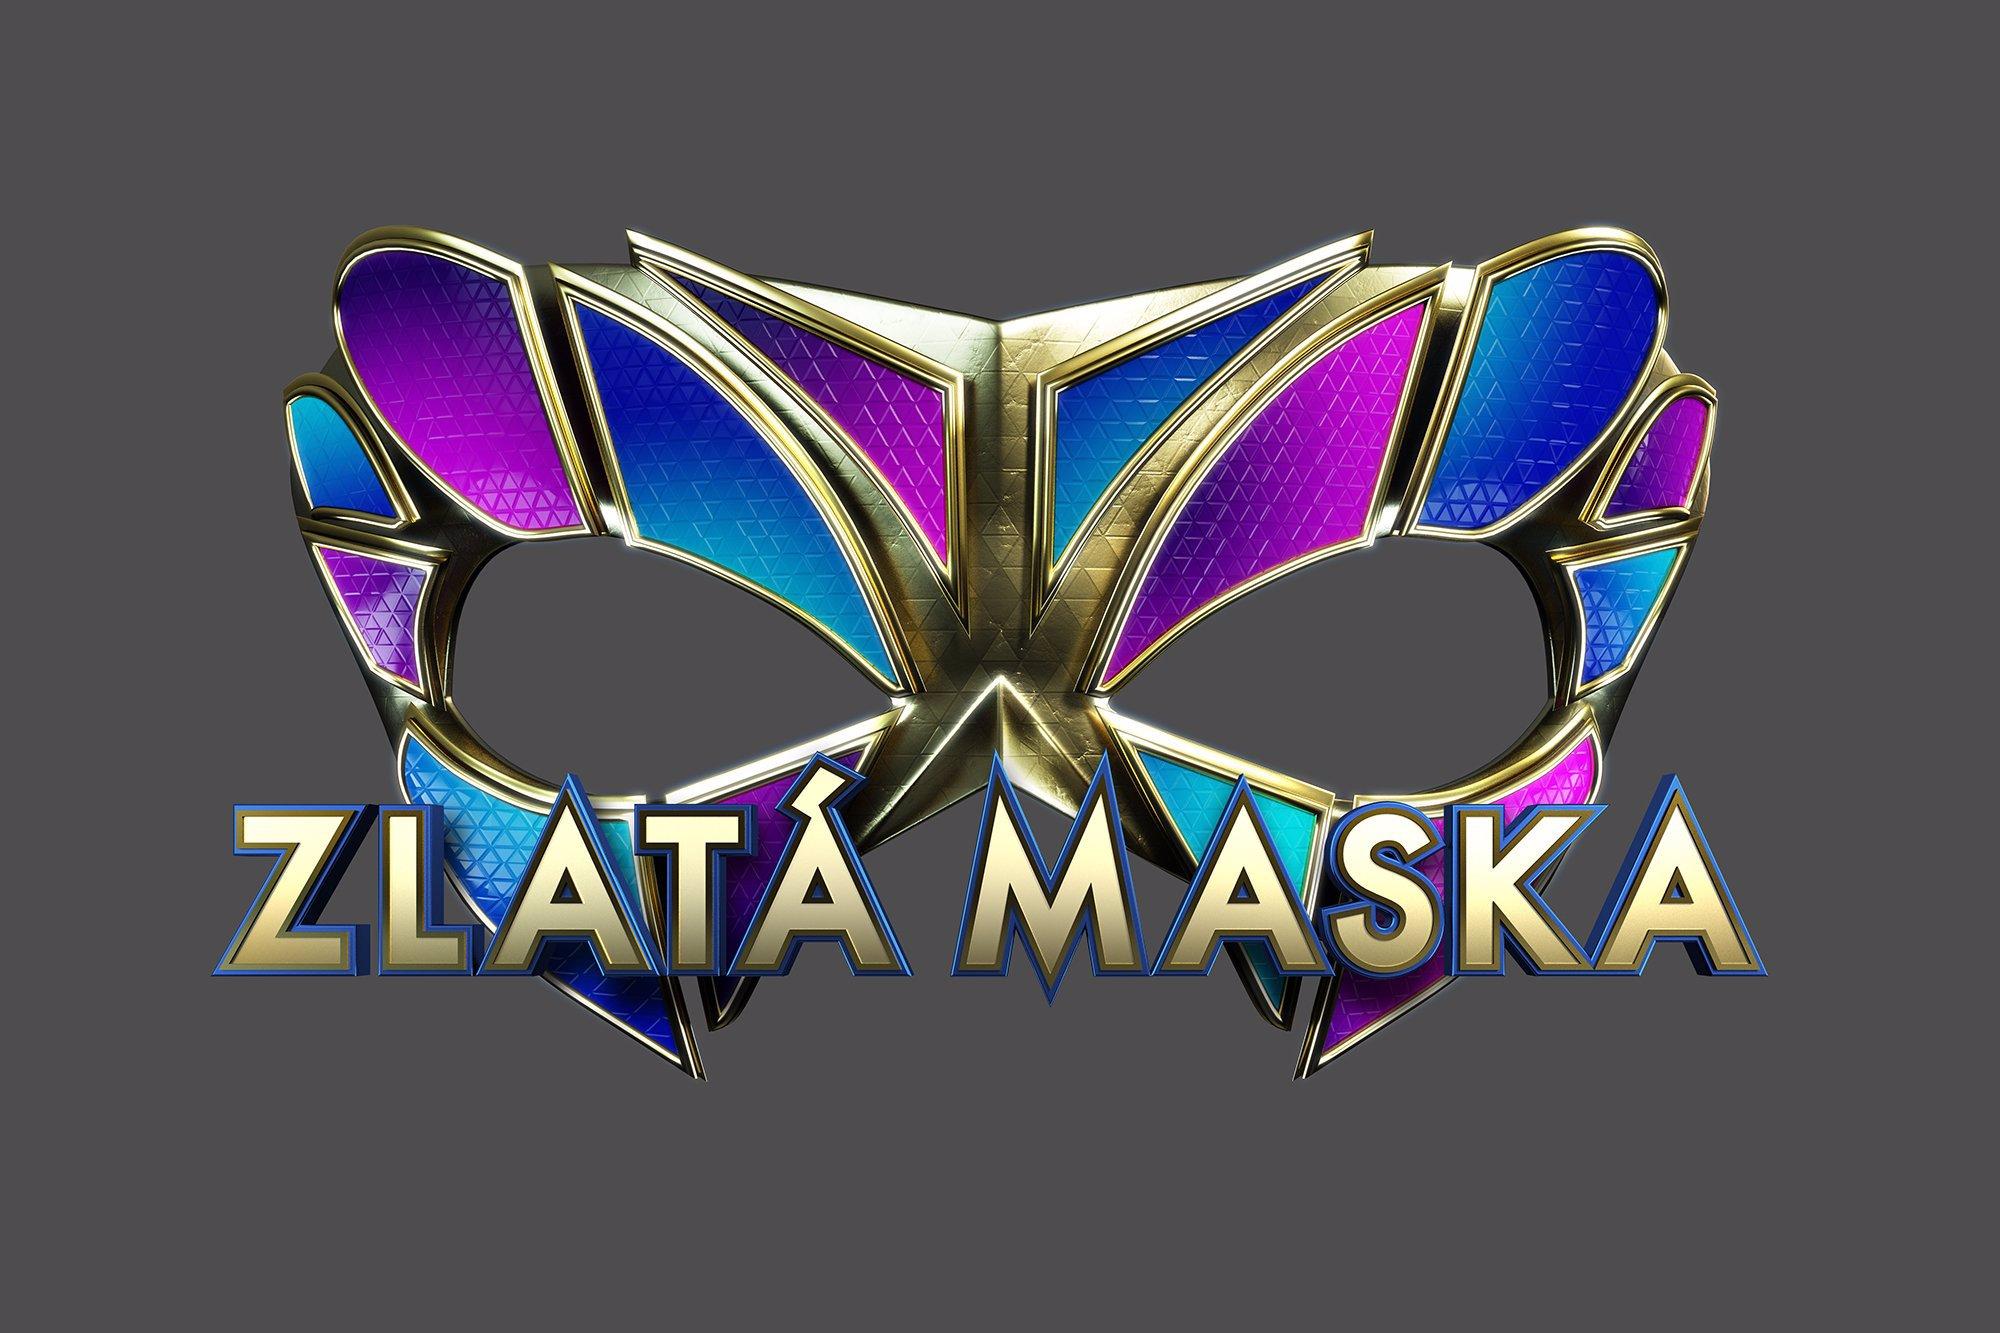 Světoznámá show Zlatá maska míří na Primu: Bizarní kostýmy vám zavaří závity